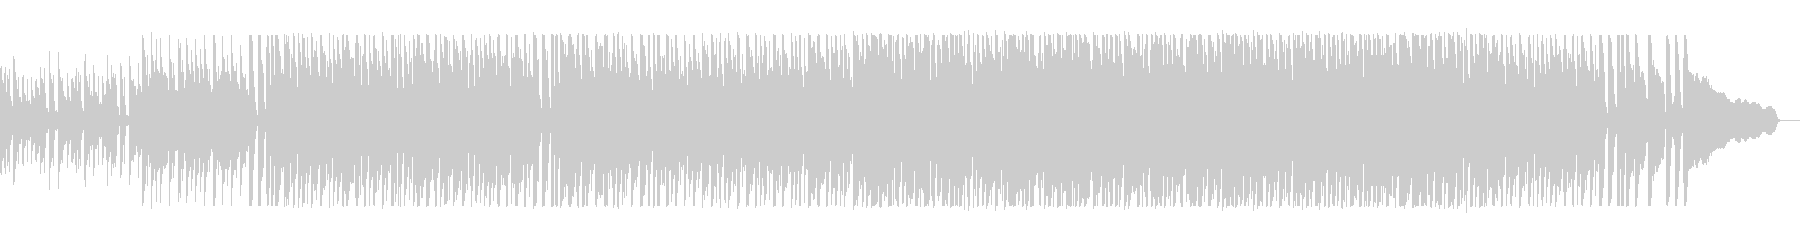 アップテンポの疾走感のあるシンセサイザーの未再生の波形